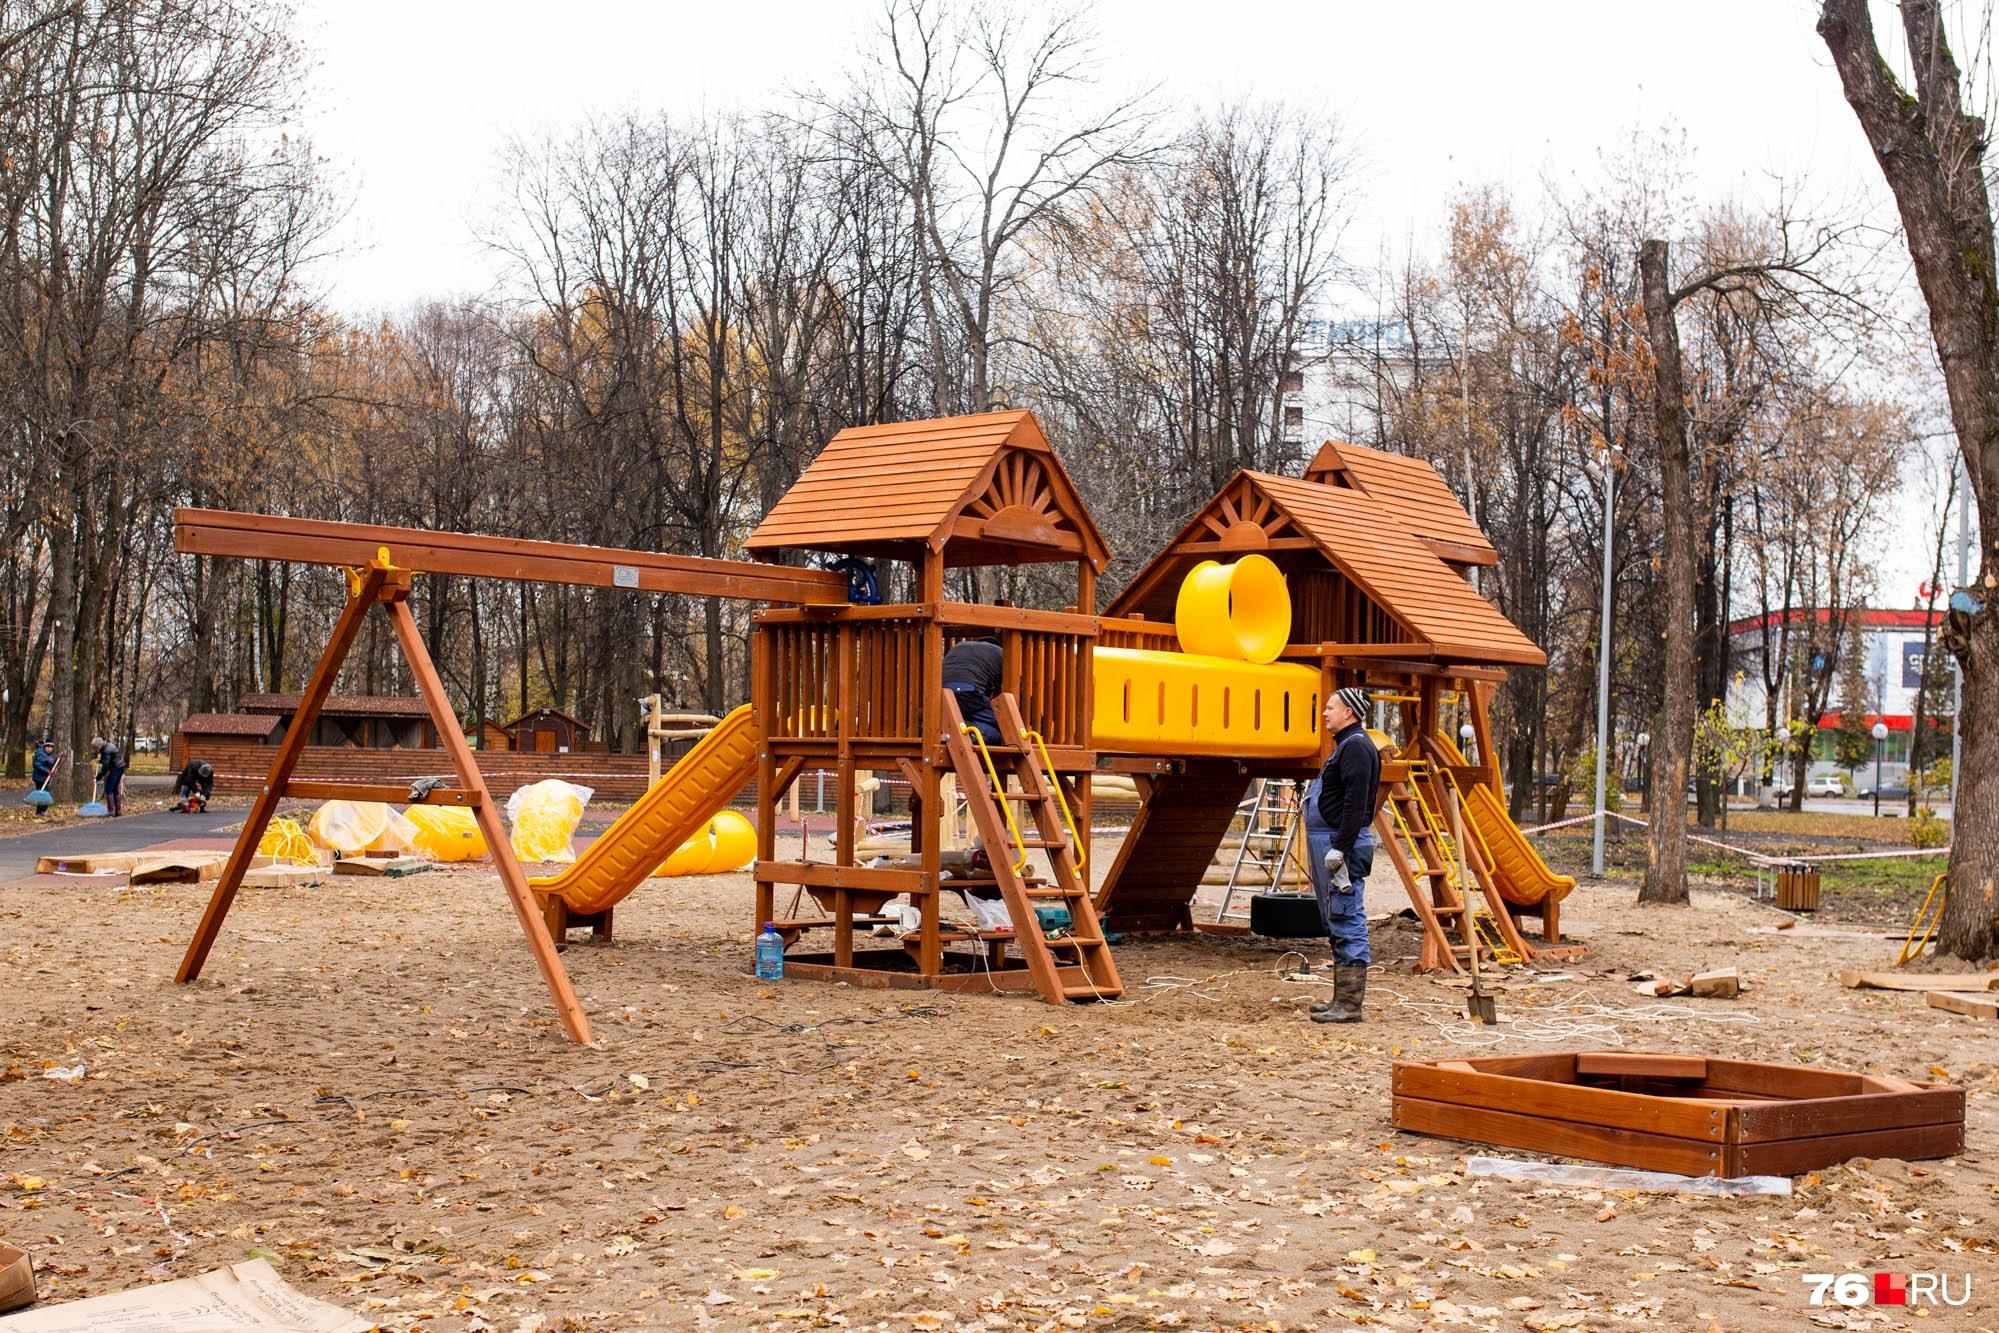 Ярославцам площадка понравилась больше, чем горка из грязи